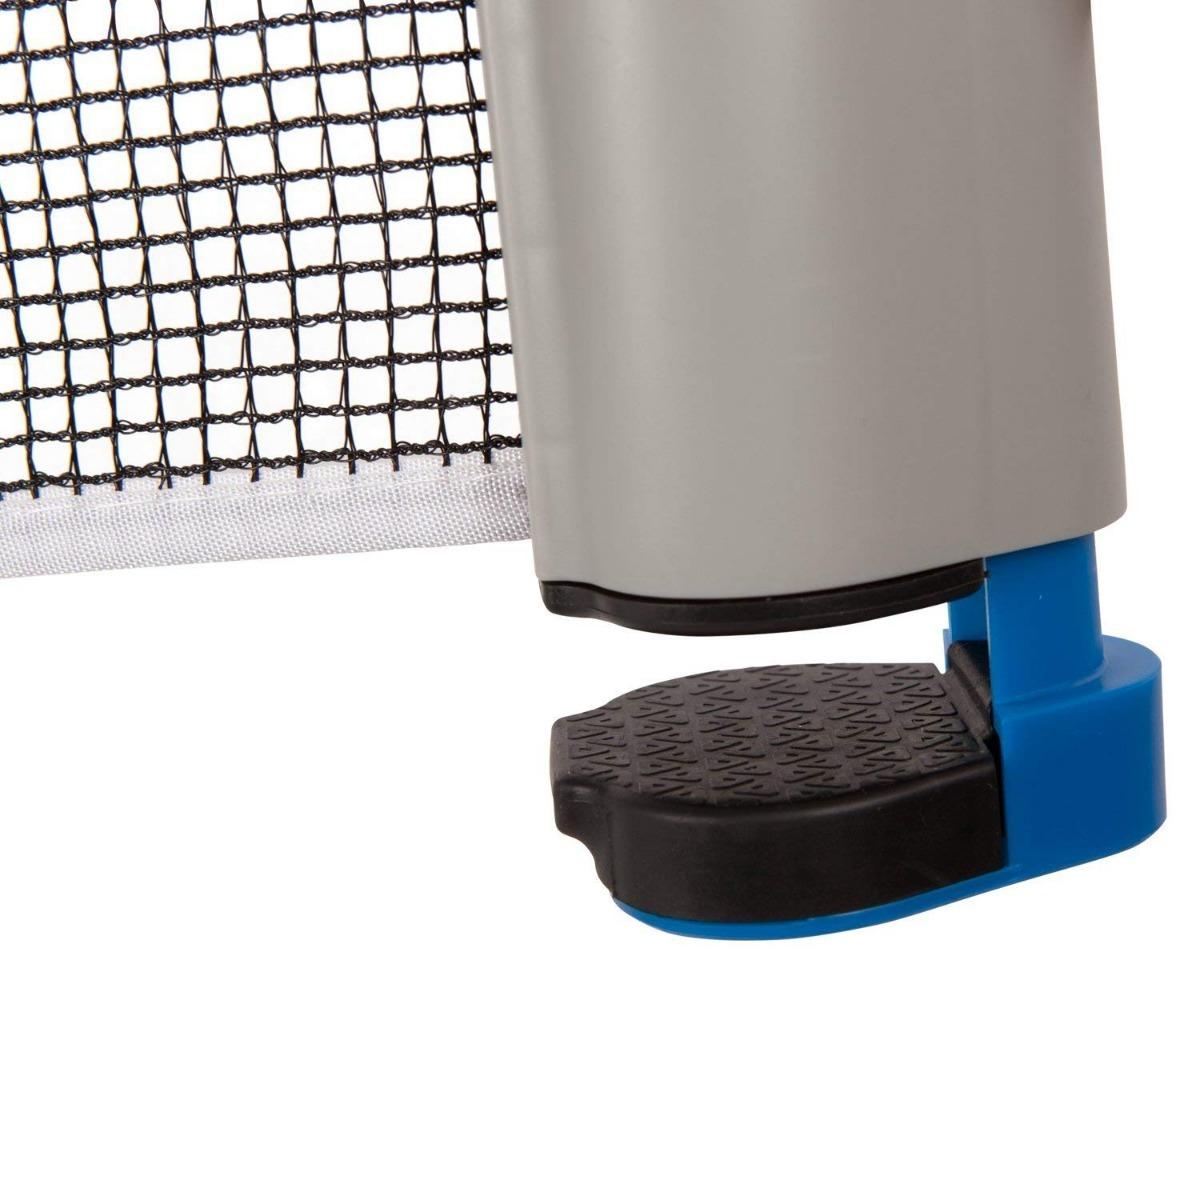 449f9ea45 tenis de mesa para llevar champion sports red y raquetas. Cargando zoom.